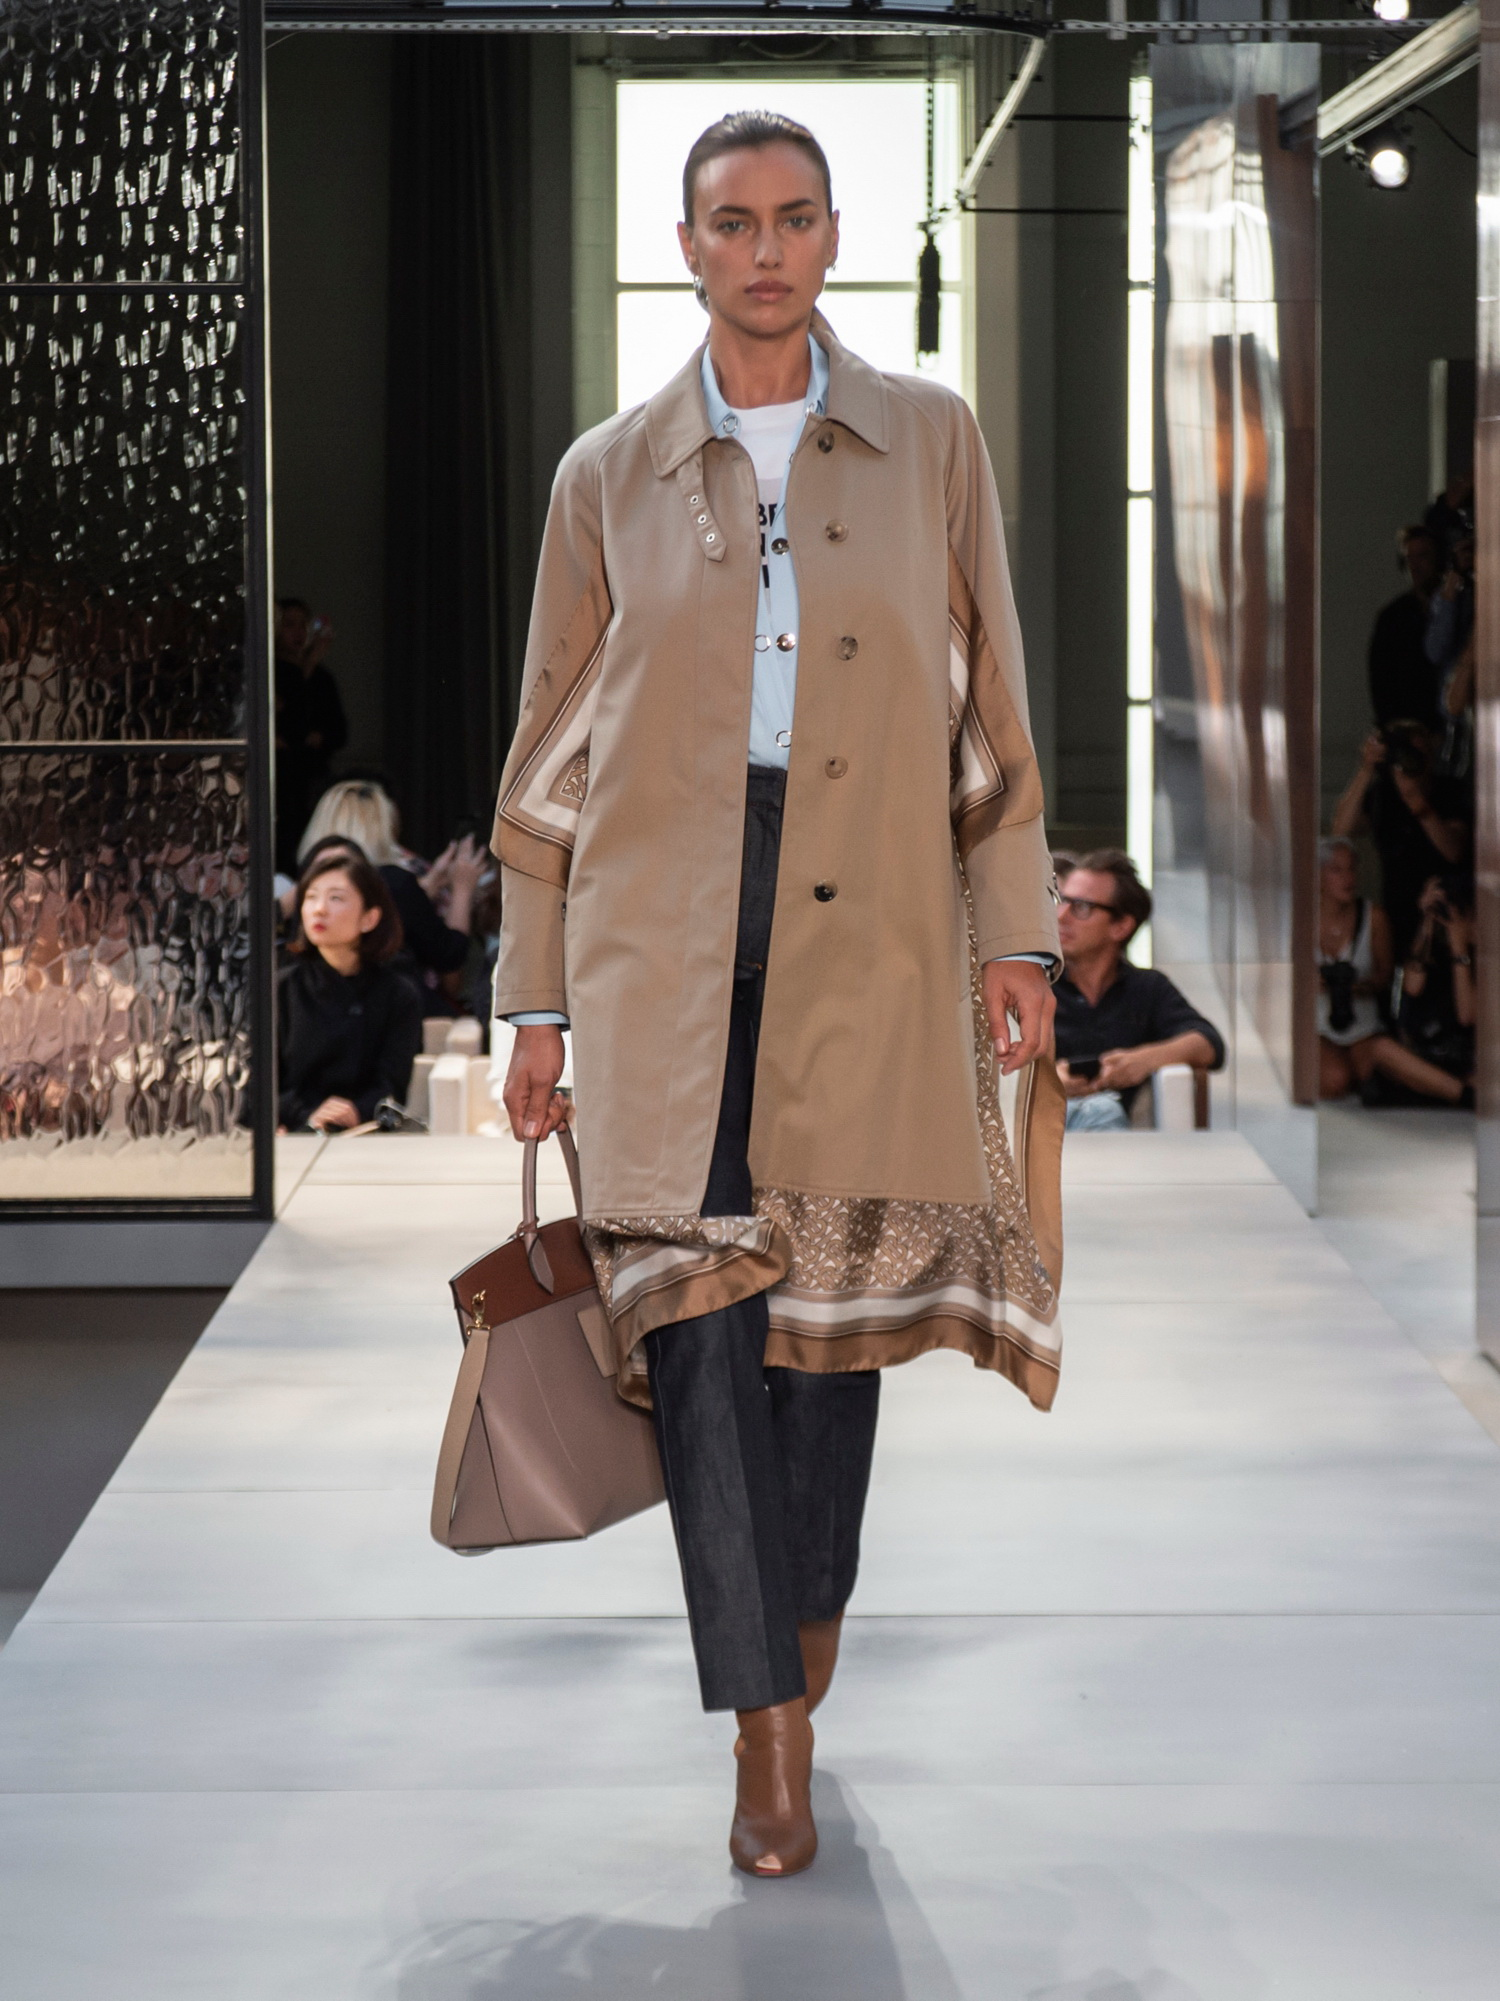 מוביל קיימות בעולם האופנה: בית האופנה הבריטי ברברי, לפקטורי 54 (צילום: יח״צ)